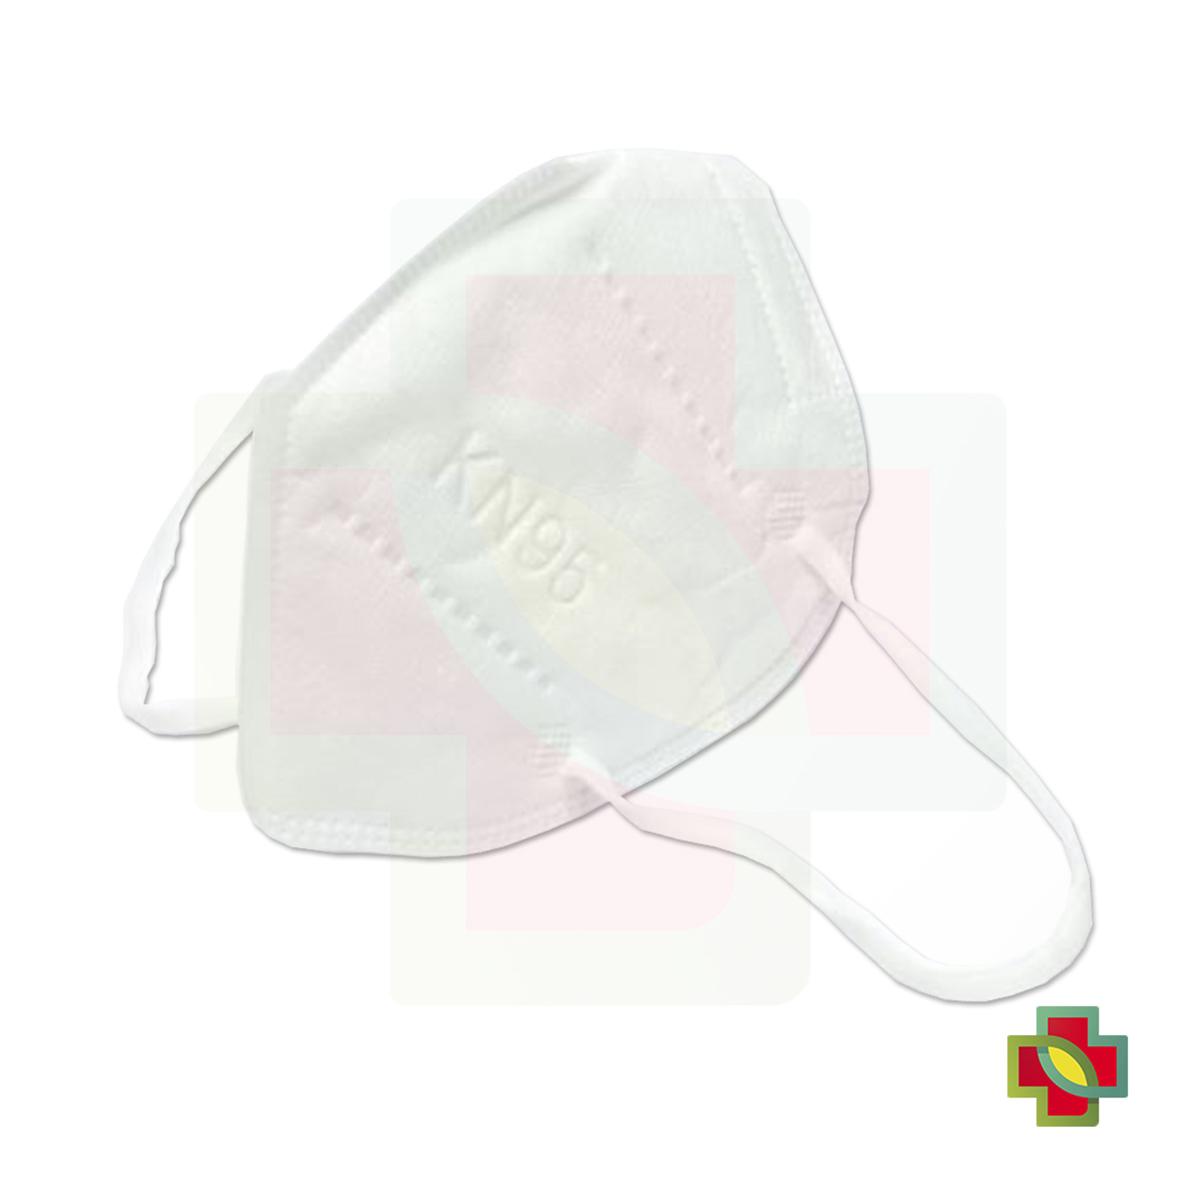 MÁSCARA DE PROTECAO PFF2 N95 KN95 (UND) - MASK